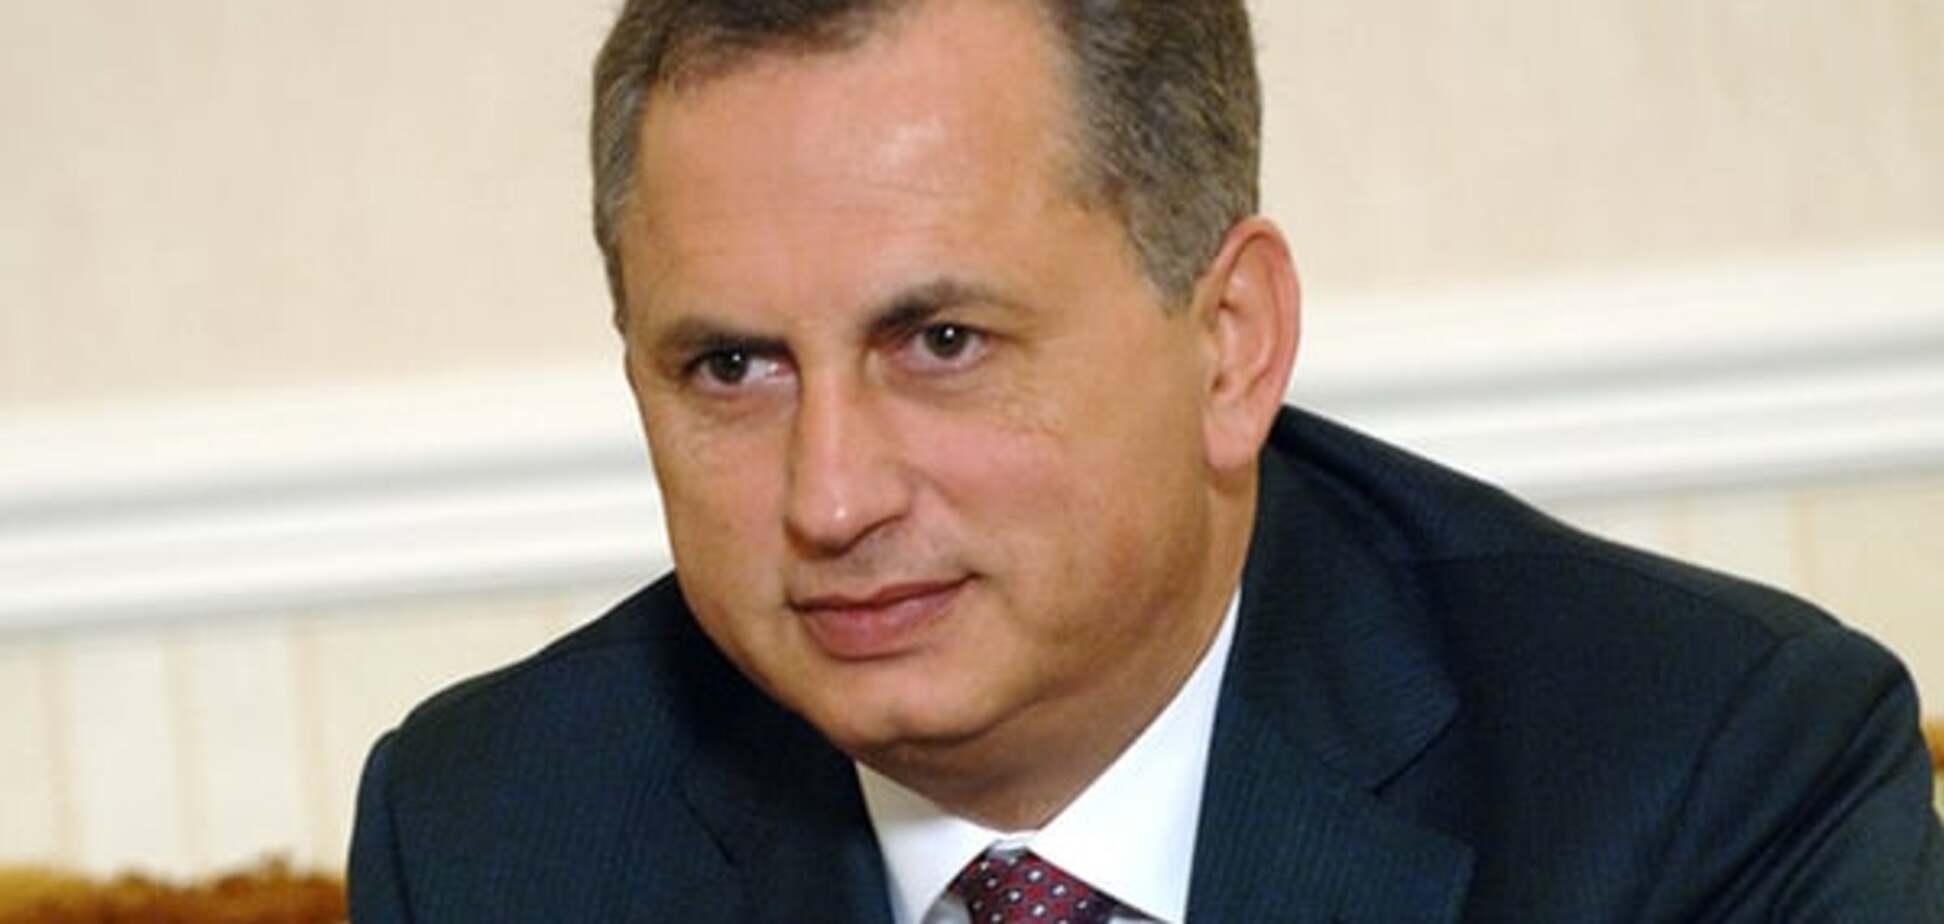 Колесніков заявив, що Росія не забороняла йому в'їзд